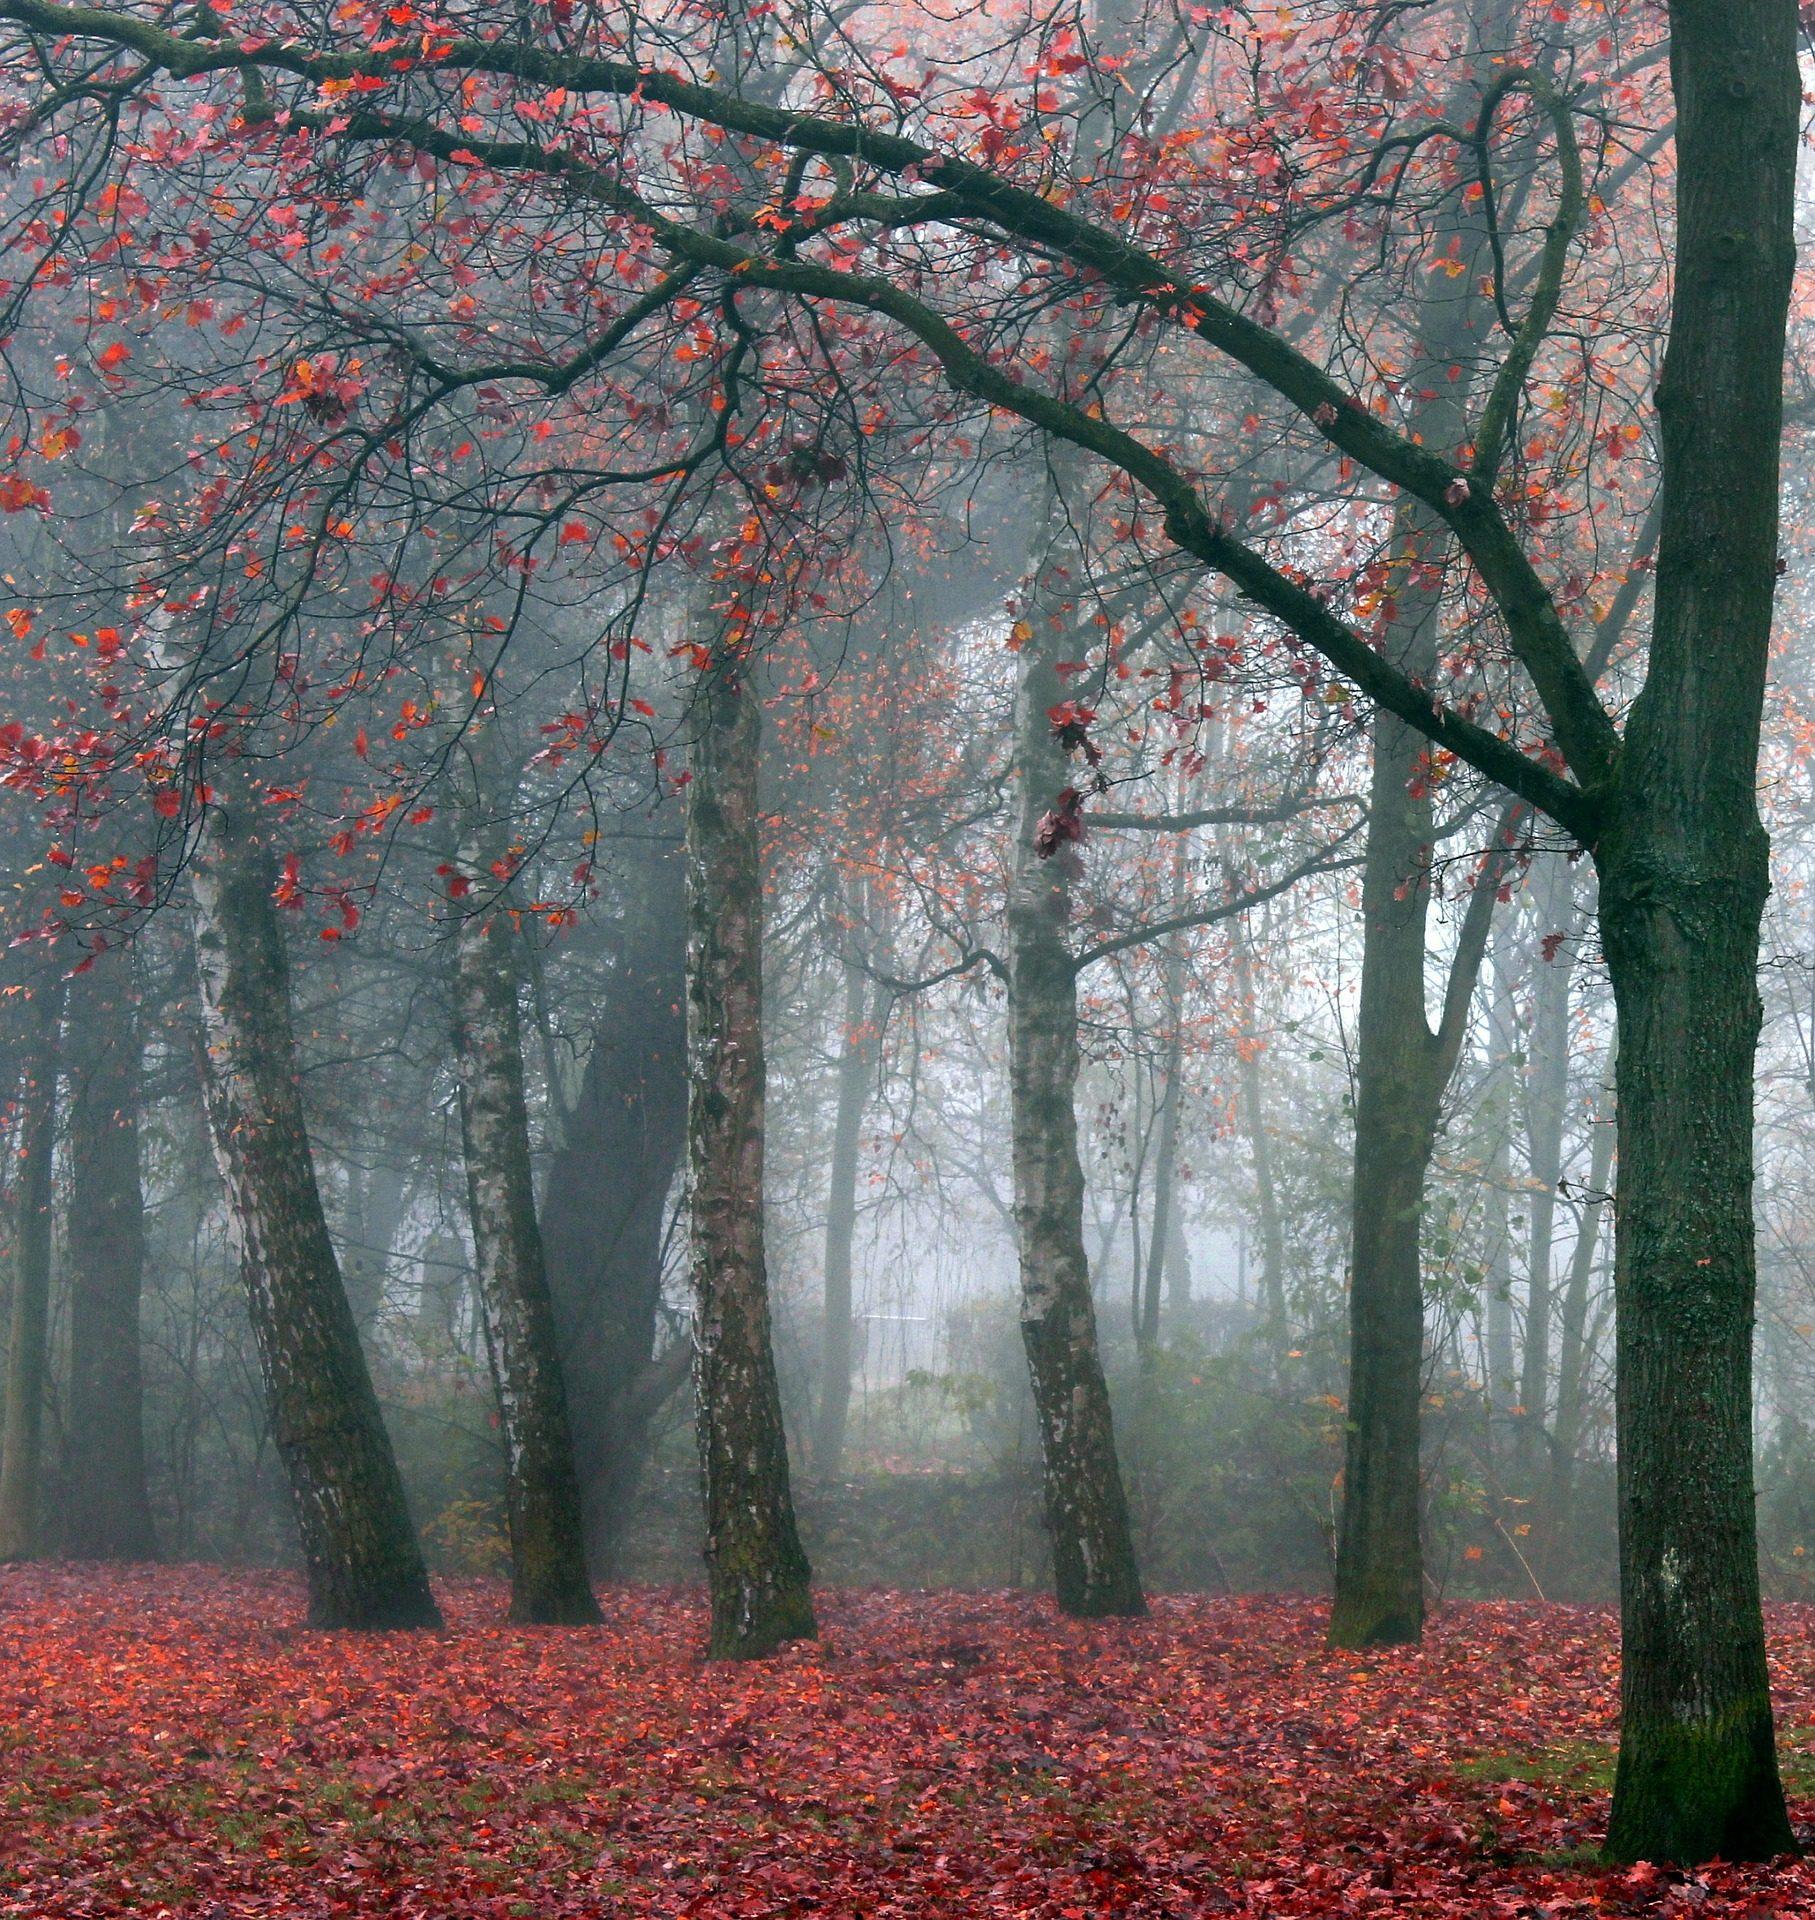 лес, деревья, туман, листья, Опавшие листья, Рассвет - Обои HD - Профессор falken.com